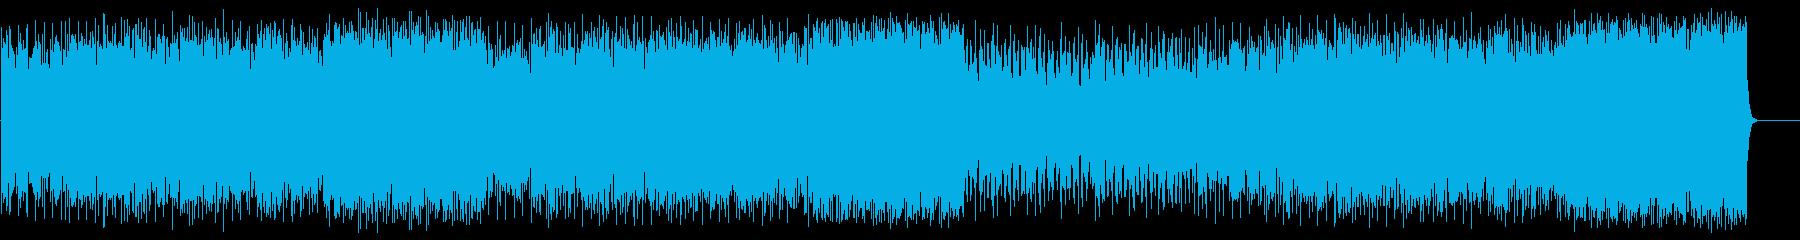 前進する力強いポップ(フルサイズ)の再生済みの波形